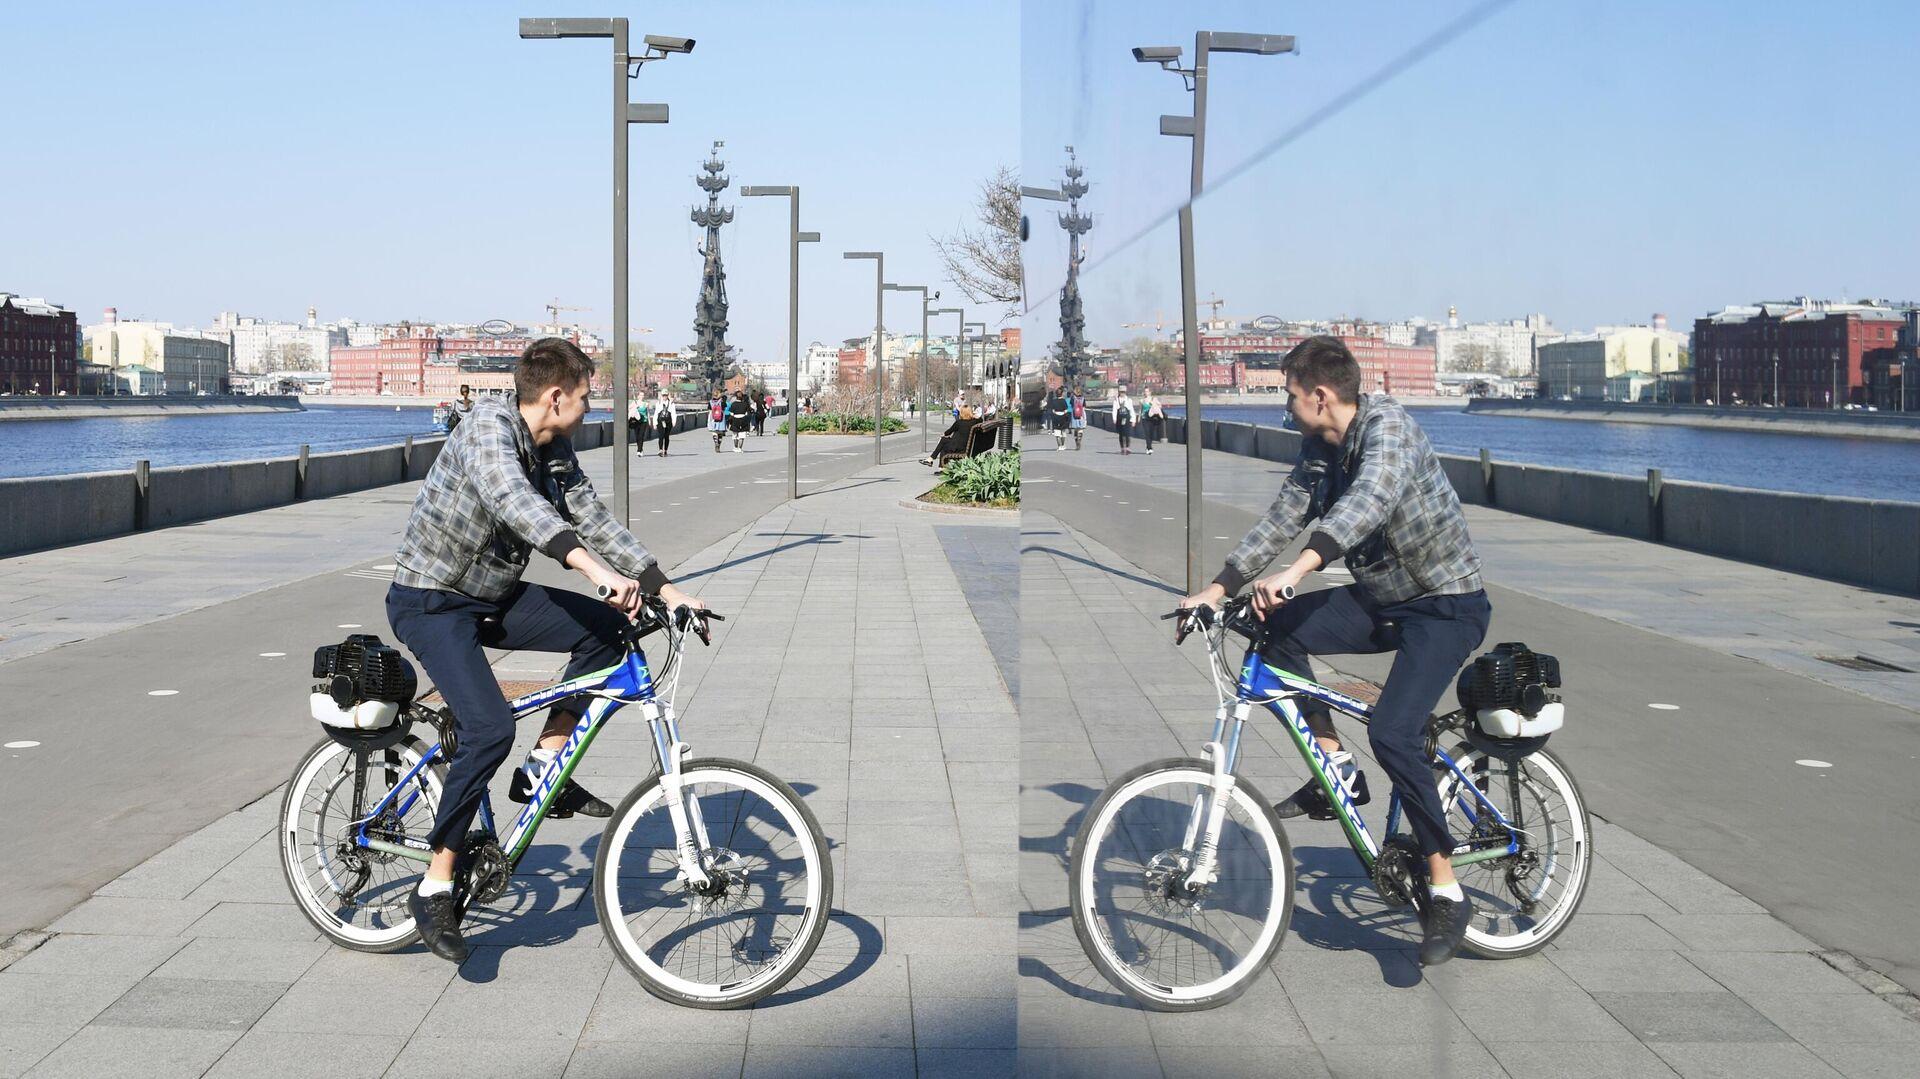 Молодой человек катается на велосипеде на Крымской набережной в парке искусств Музеон в Москве - РИА Новости, 1920, 09.05.2021